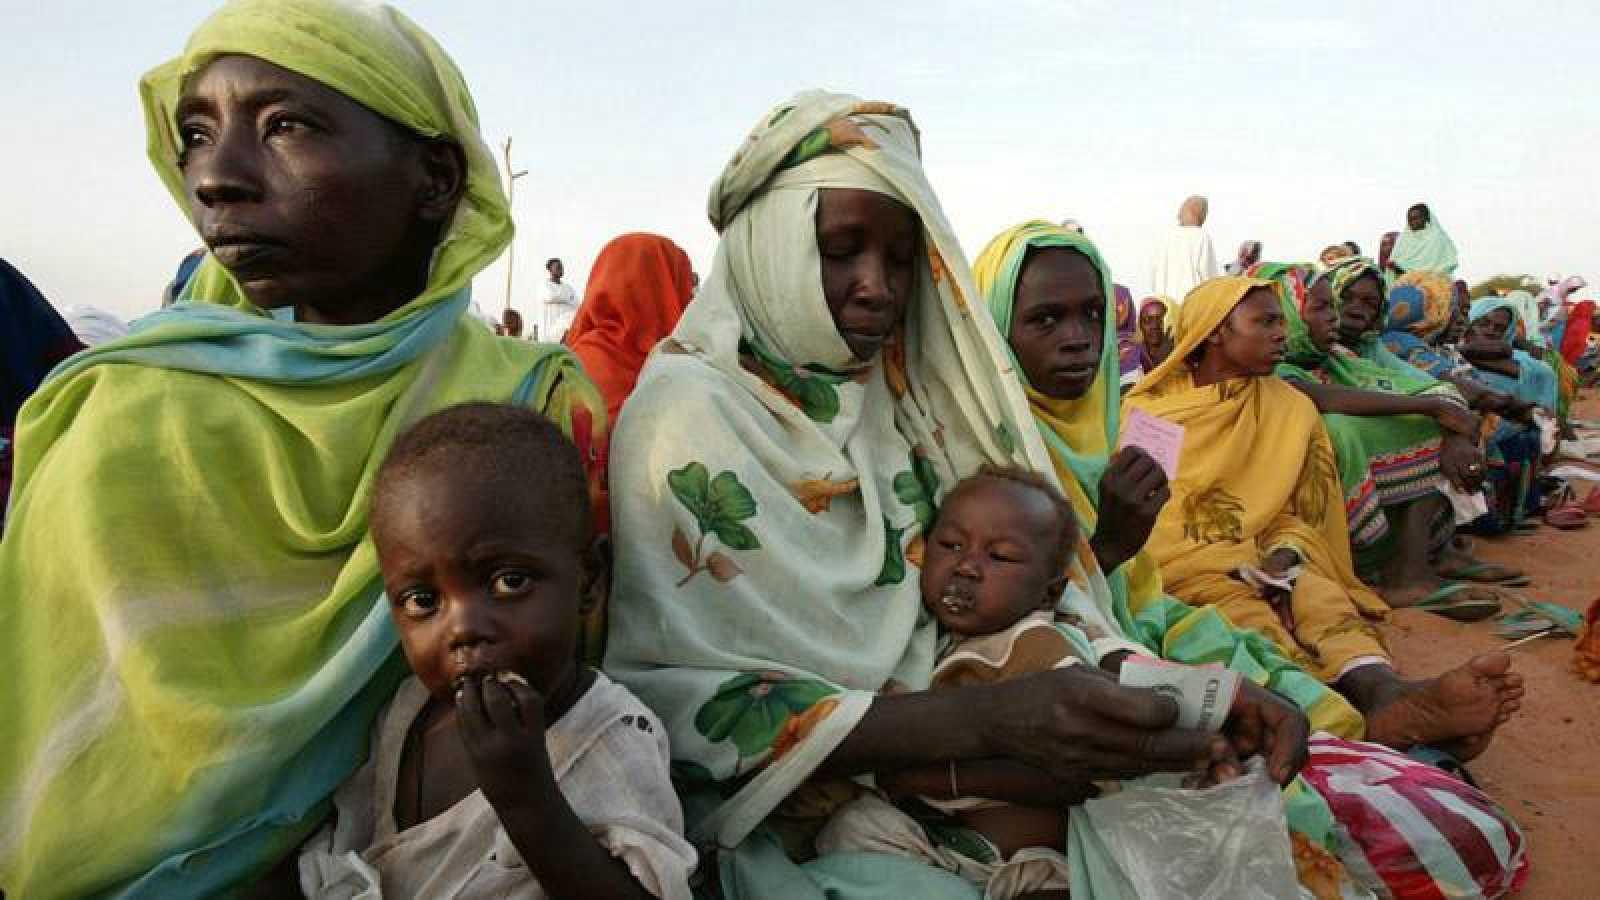 El 10% de la población del planeta vive en la pobreza extrema